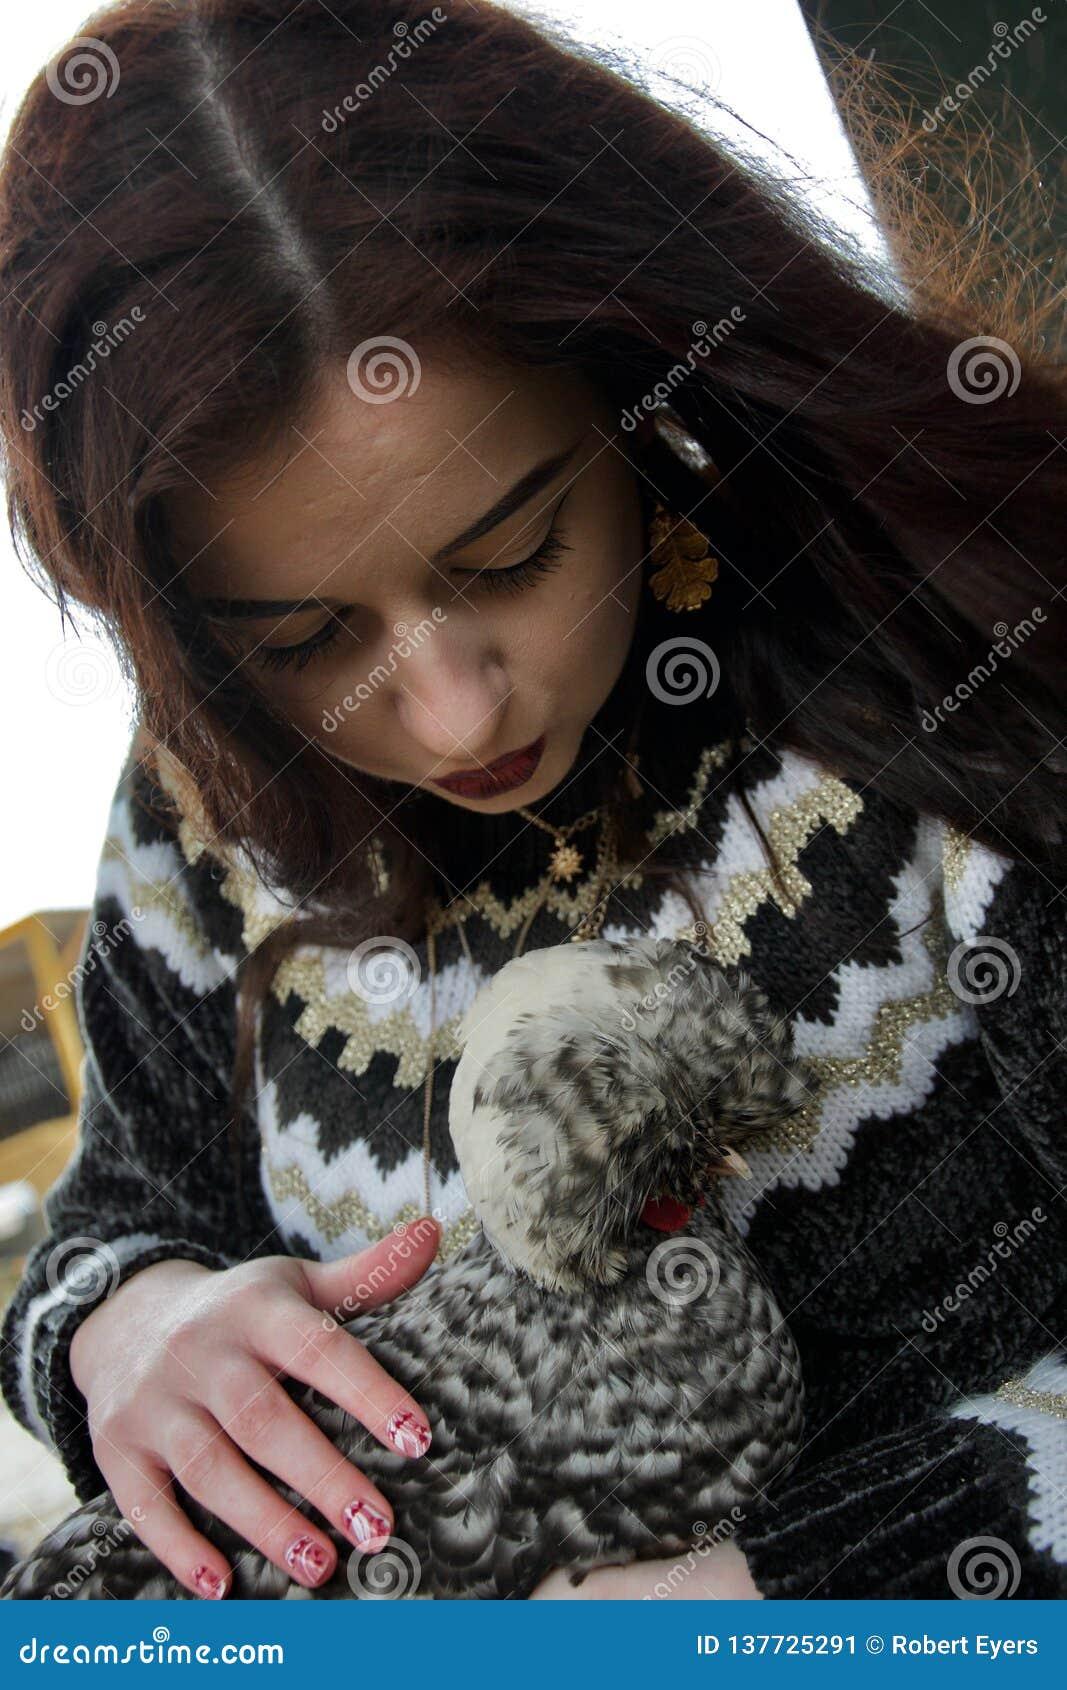 La fille aux cheveux longs à une ferme embrasse un poulet pelucheux